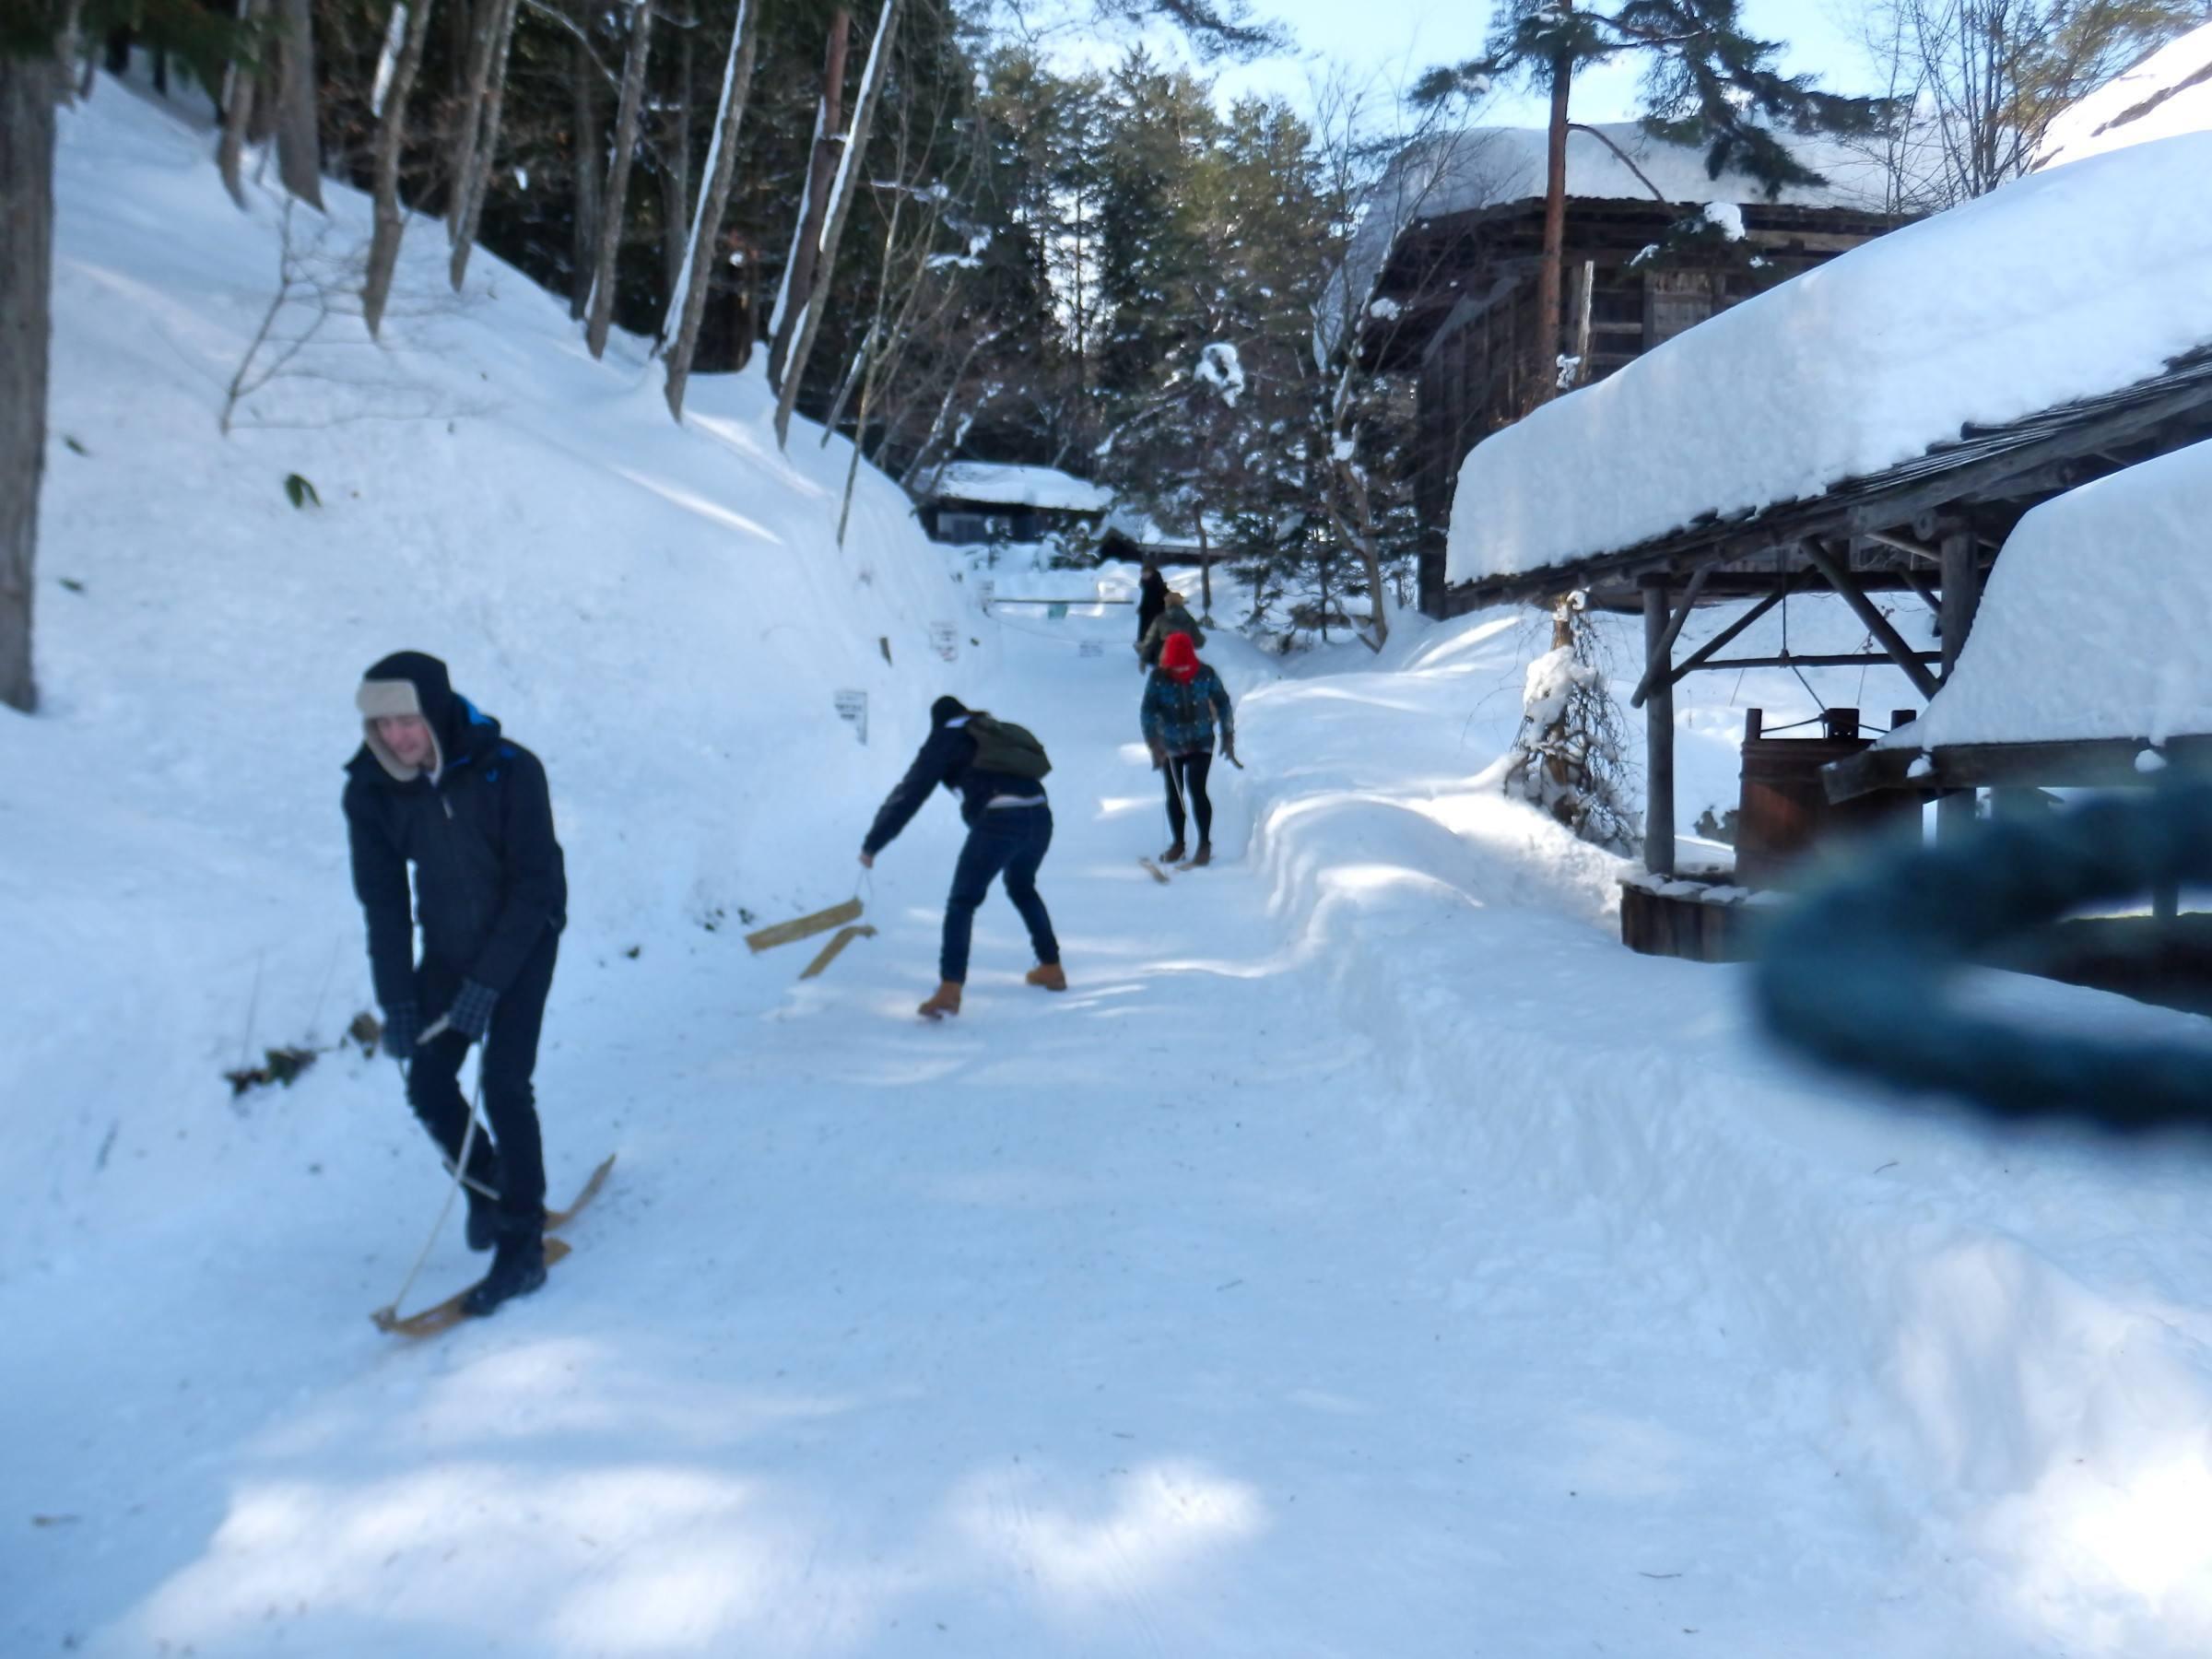 Testing the skis at Hida no Sato Folk Village